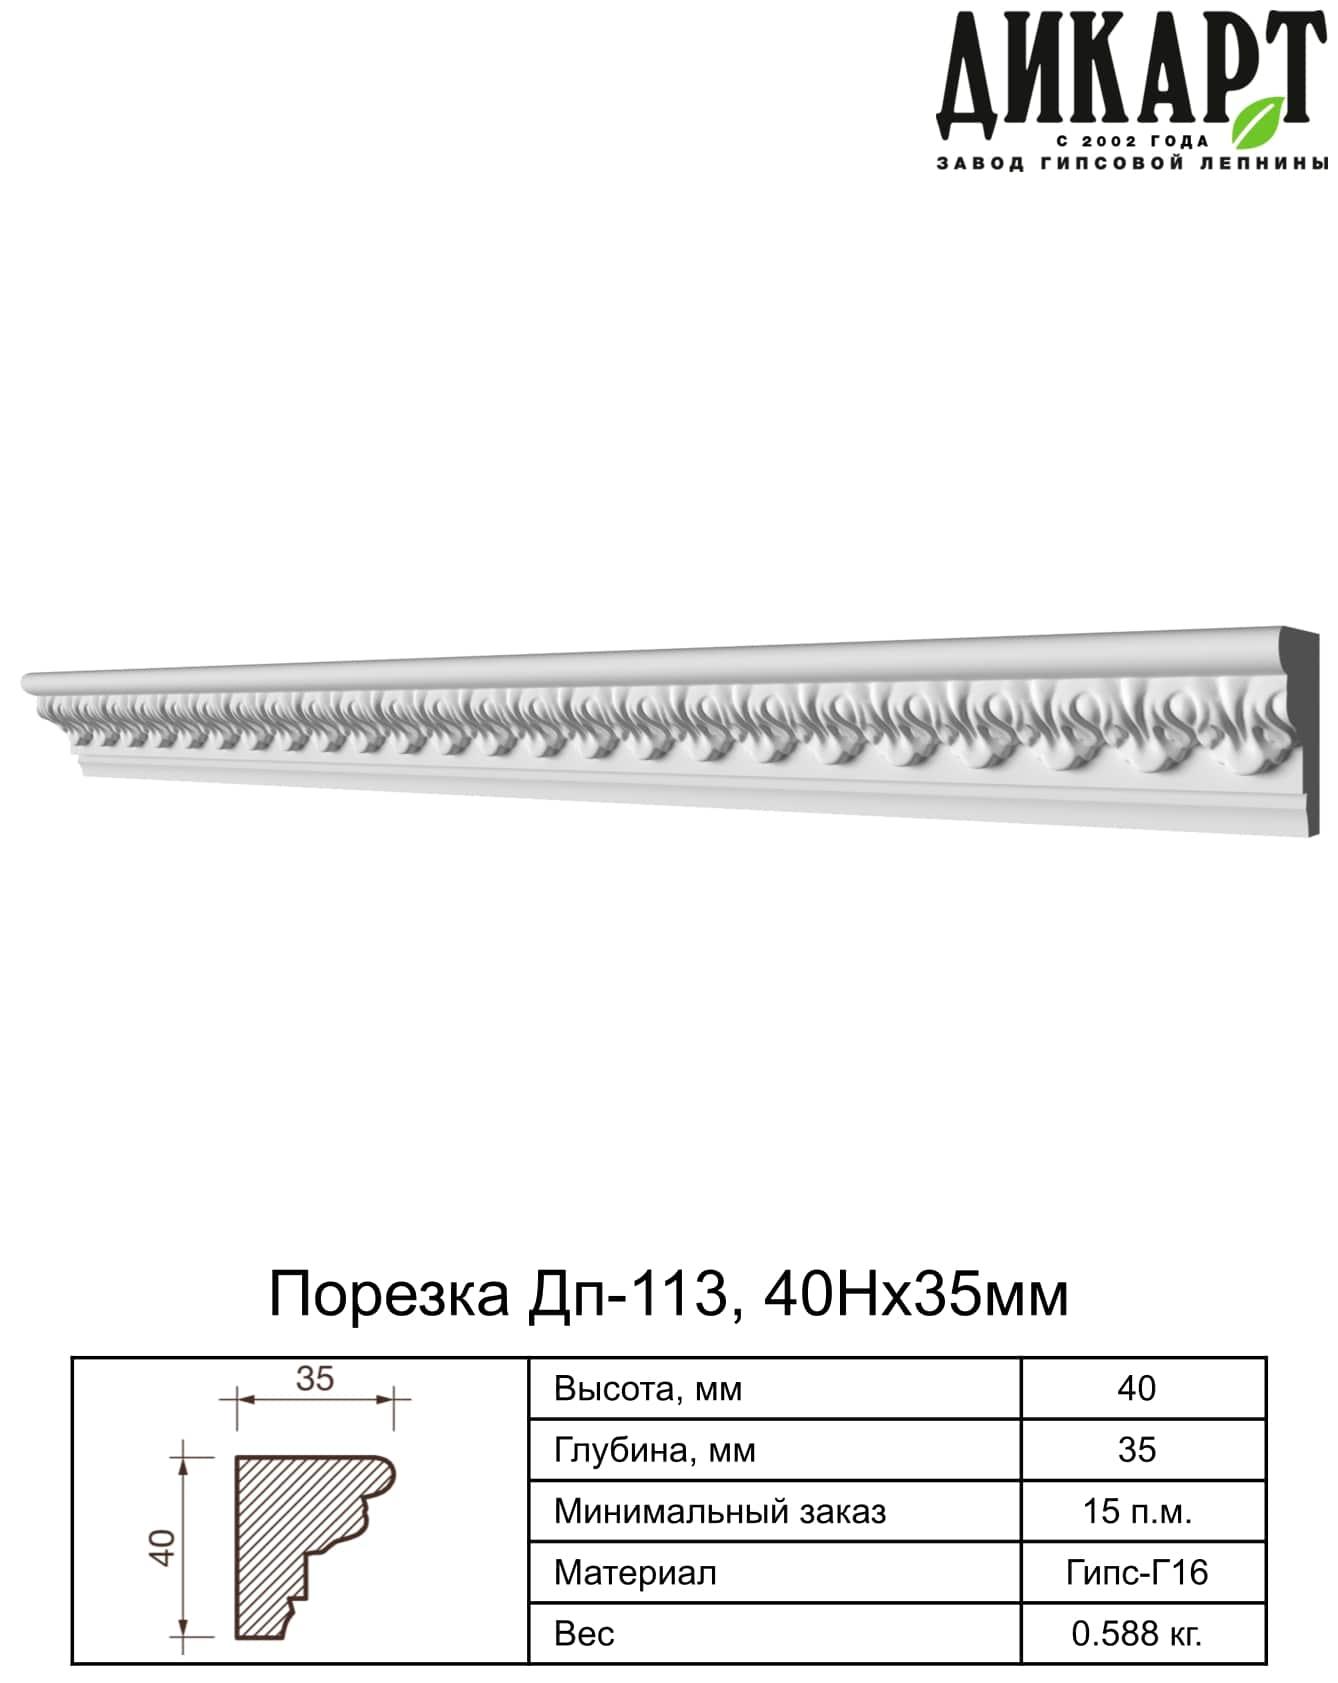 Порезка_Дп-113